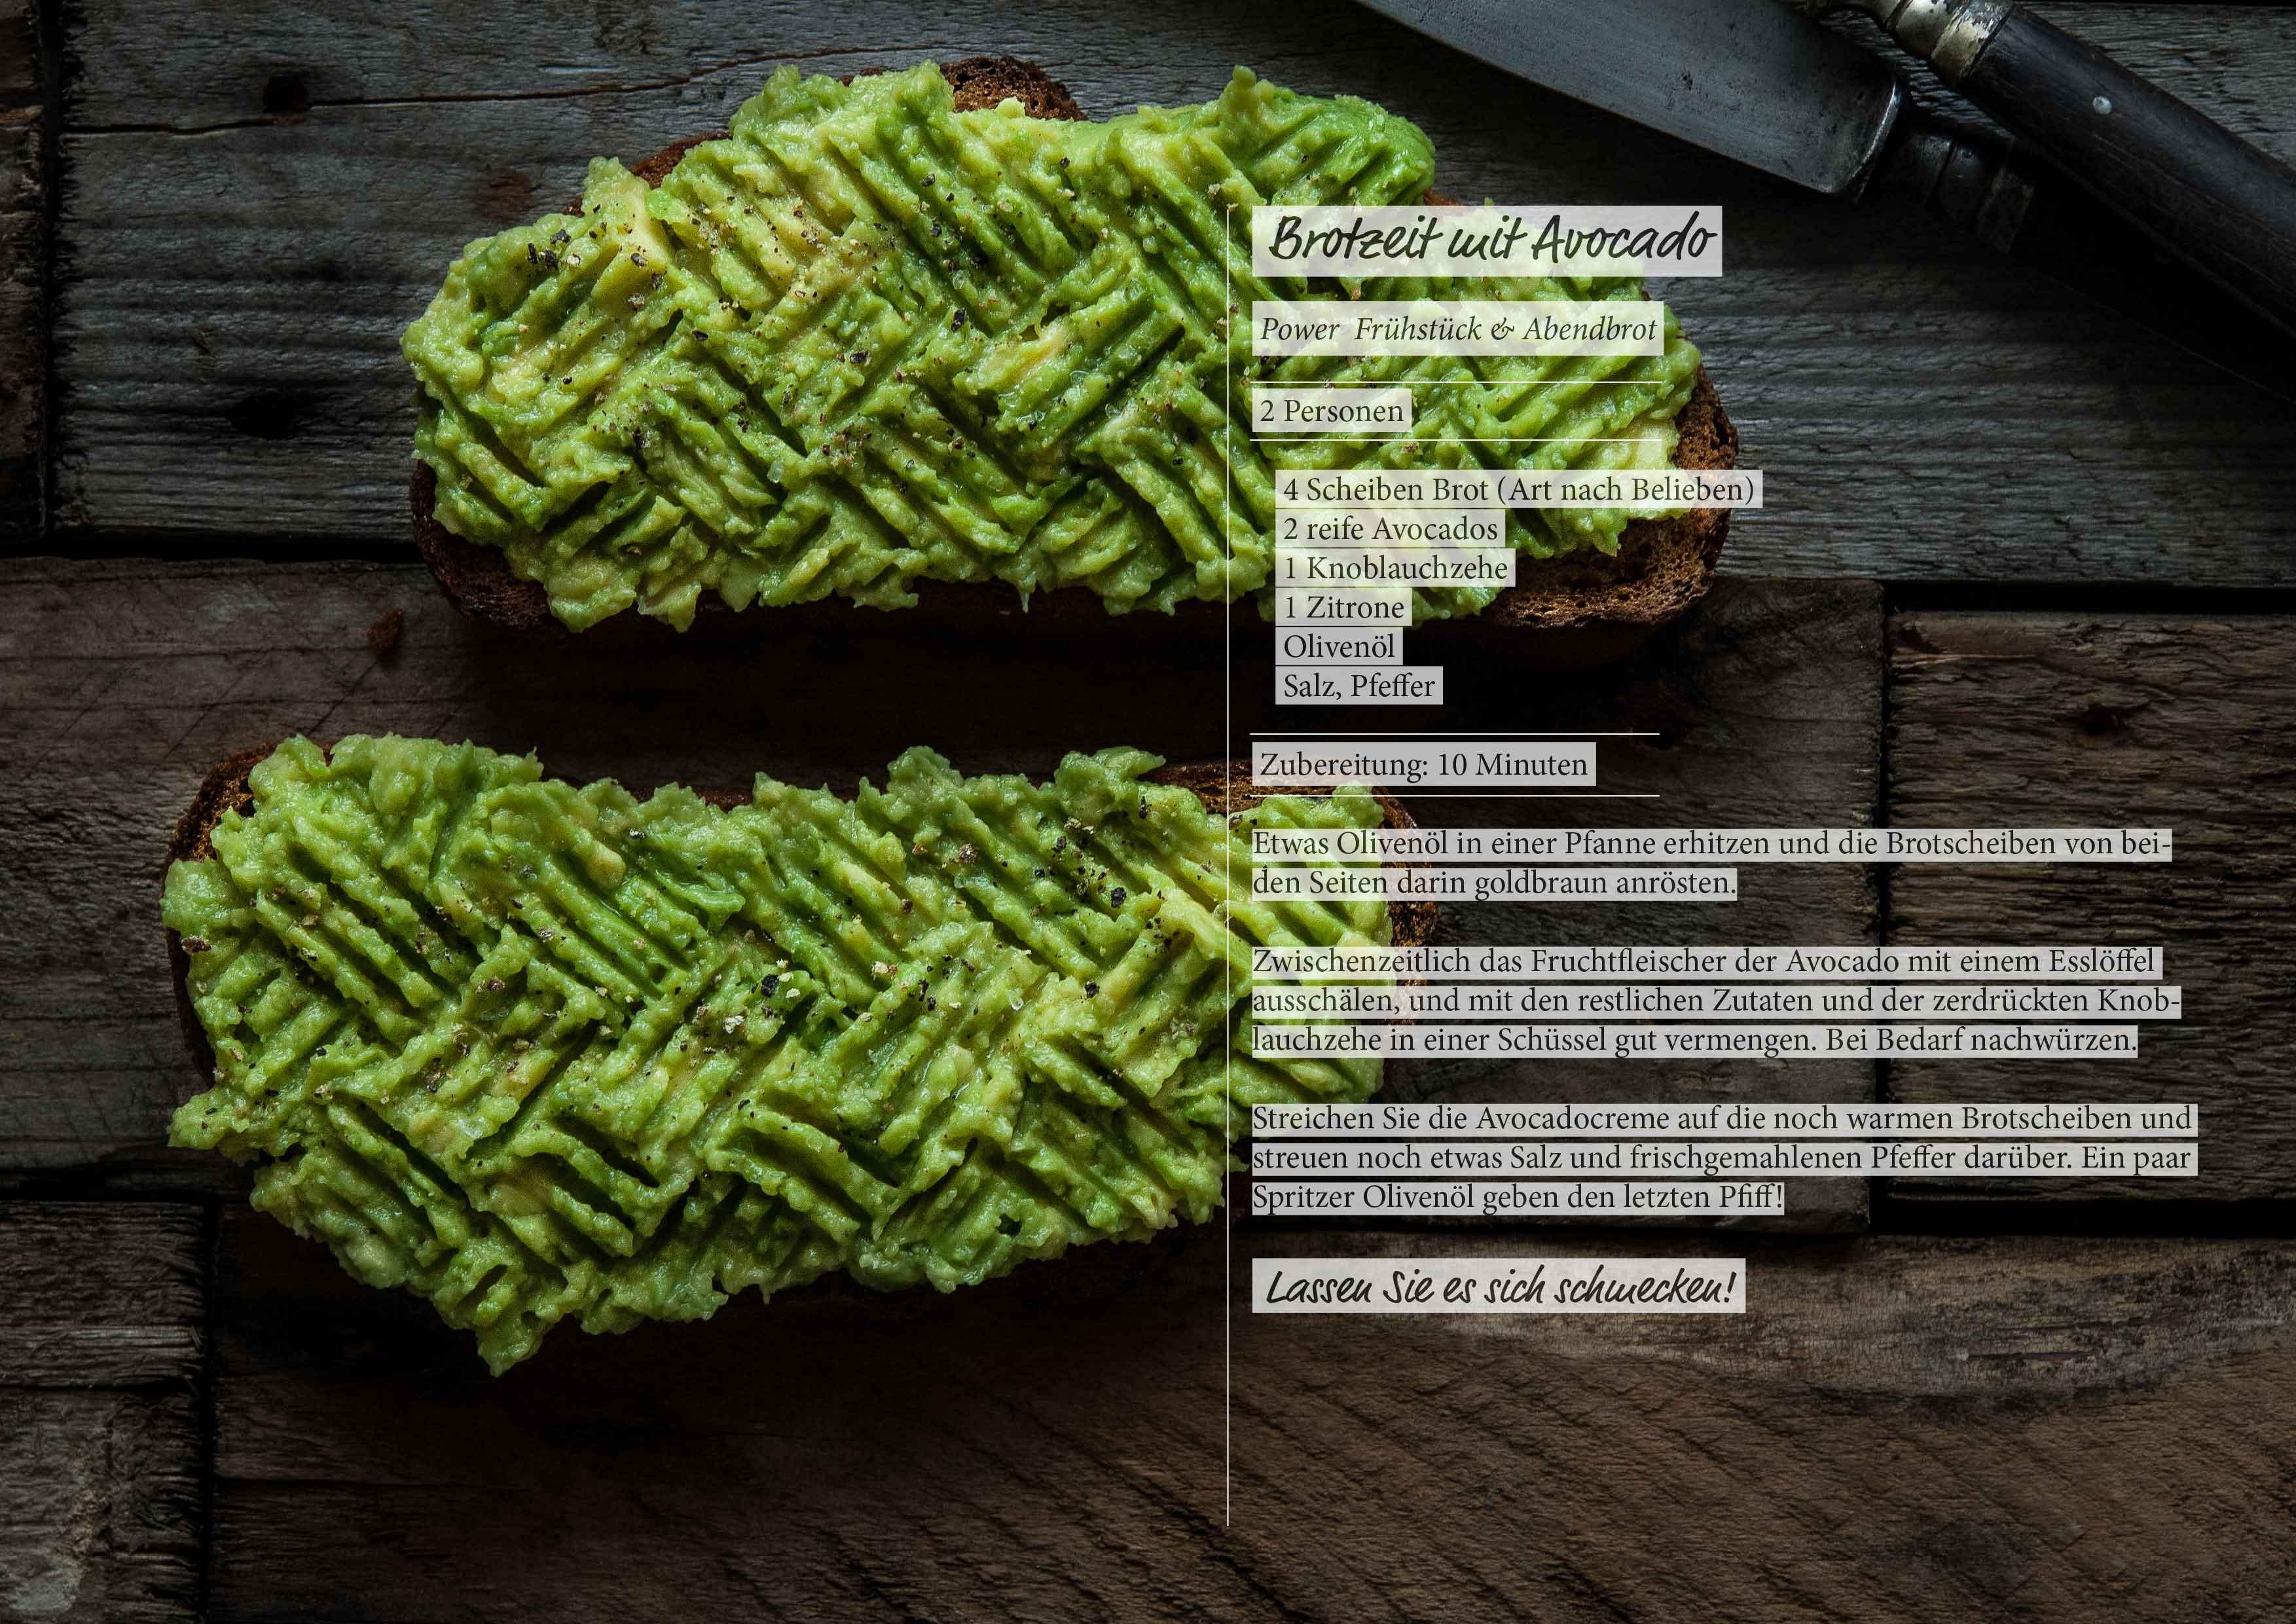 foodographie | Avocadobrot | Torsten Fleischer